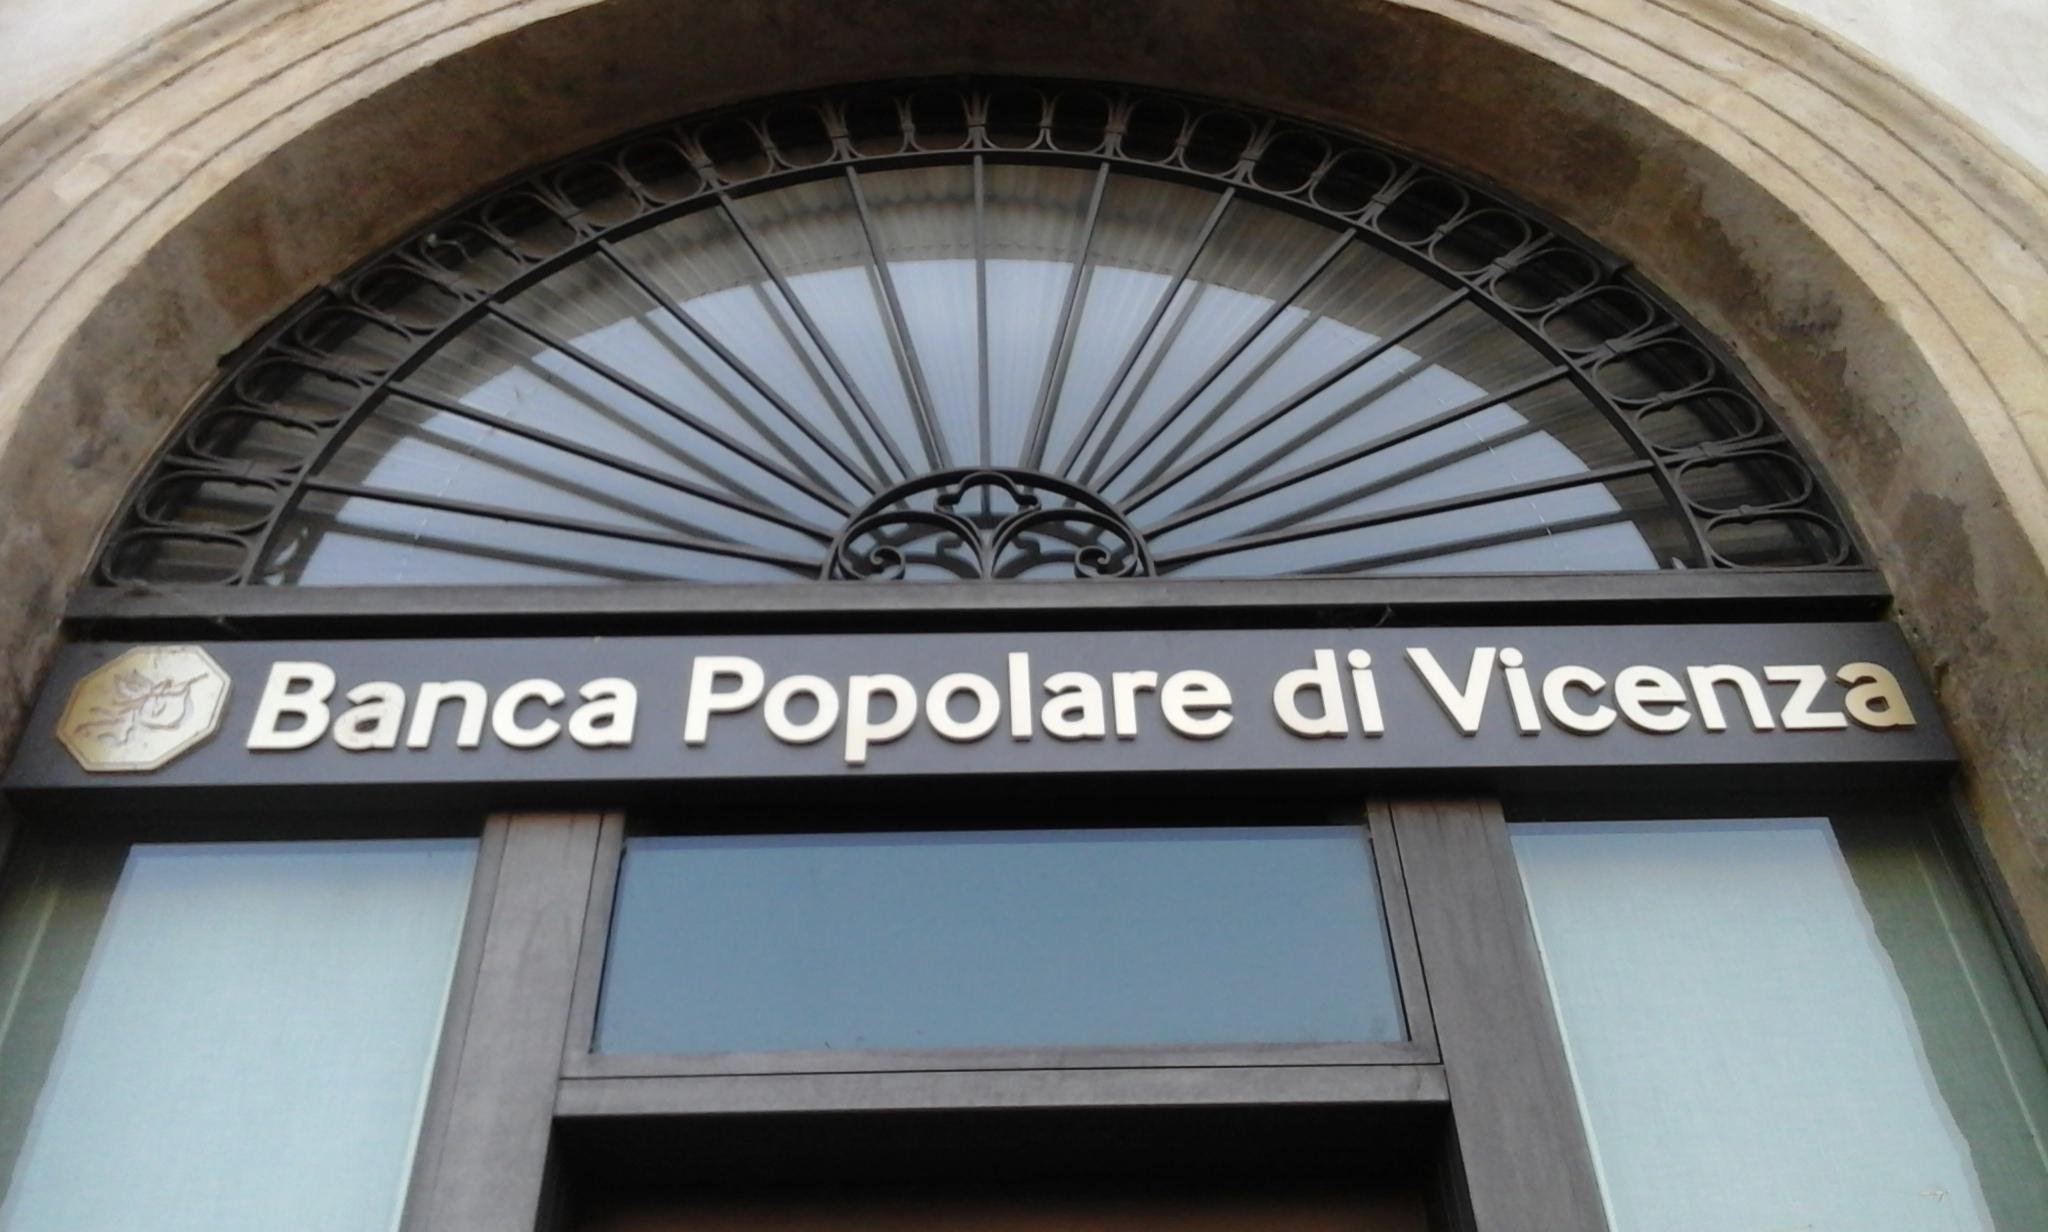 Filiale della Banca Popolare di Vicenza. Foto di Giulio Todescan per Venetoeconomia.it, citare la fonte. Bpvi